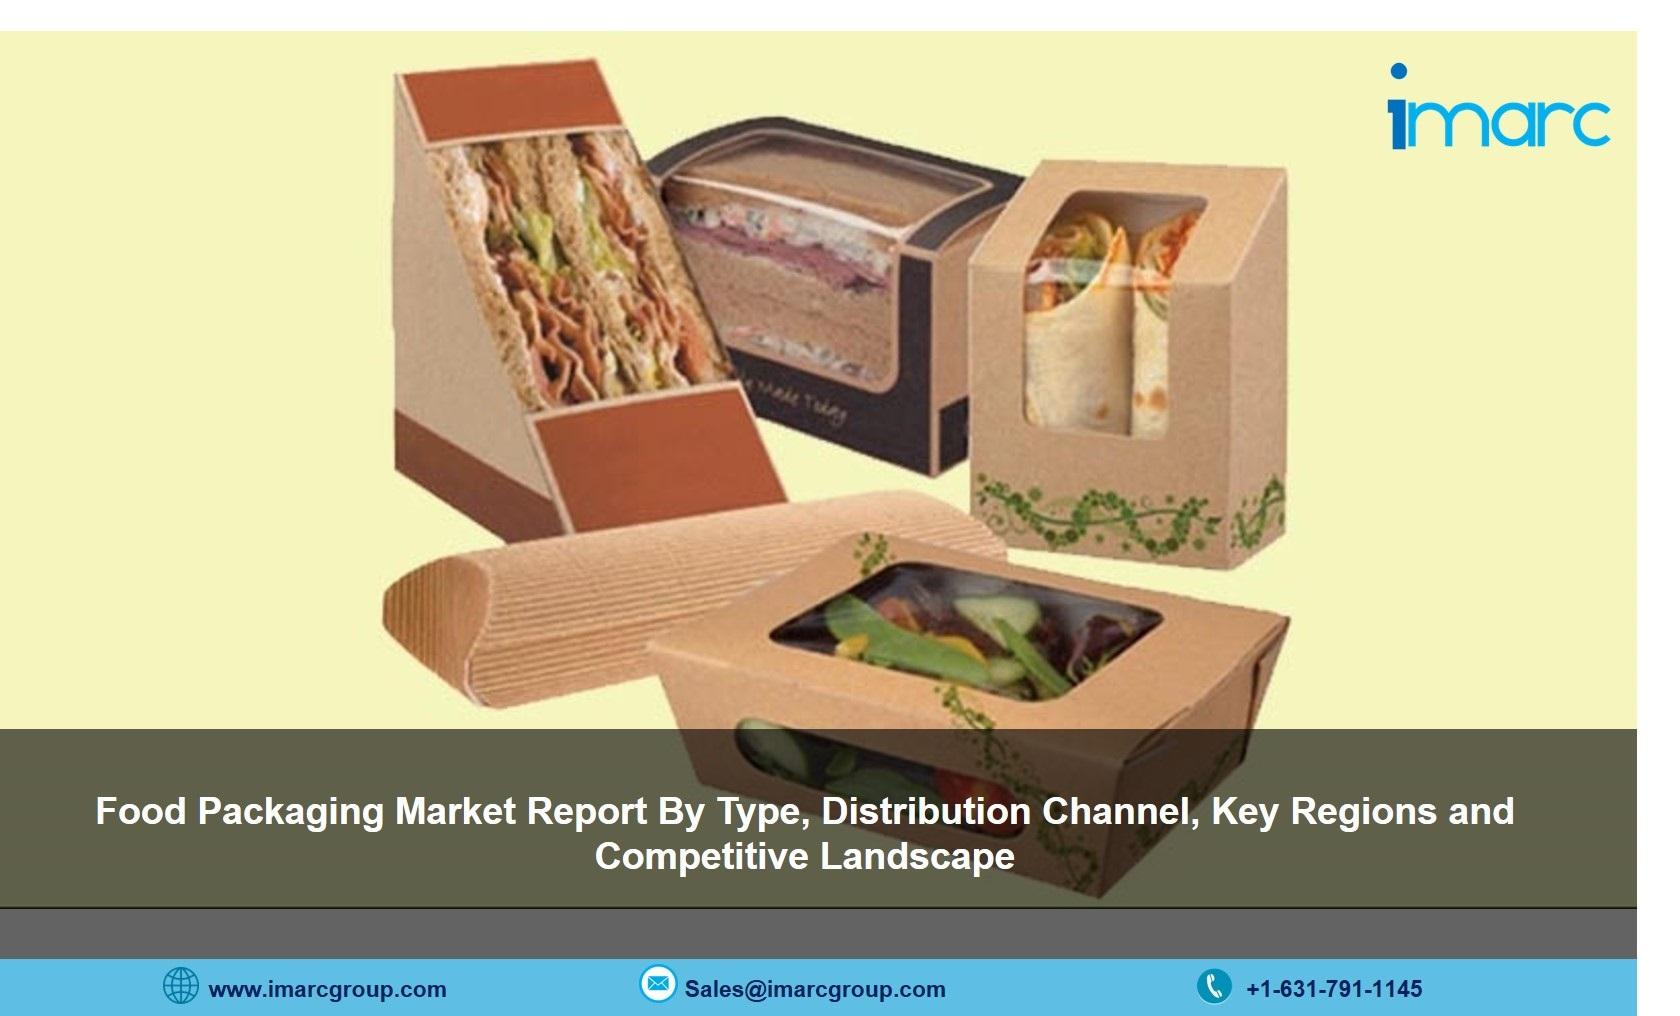 Tendances du marché de l'emballage alimentaire, taille, part et prévisions 2021-2026